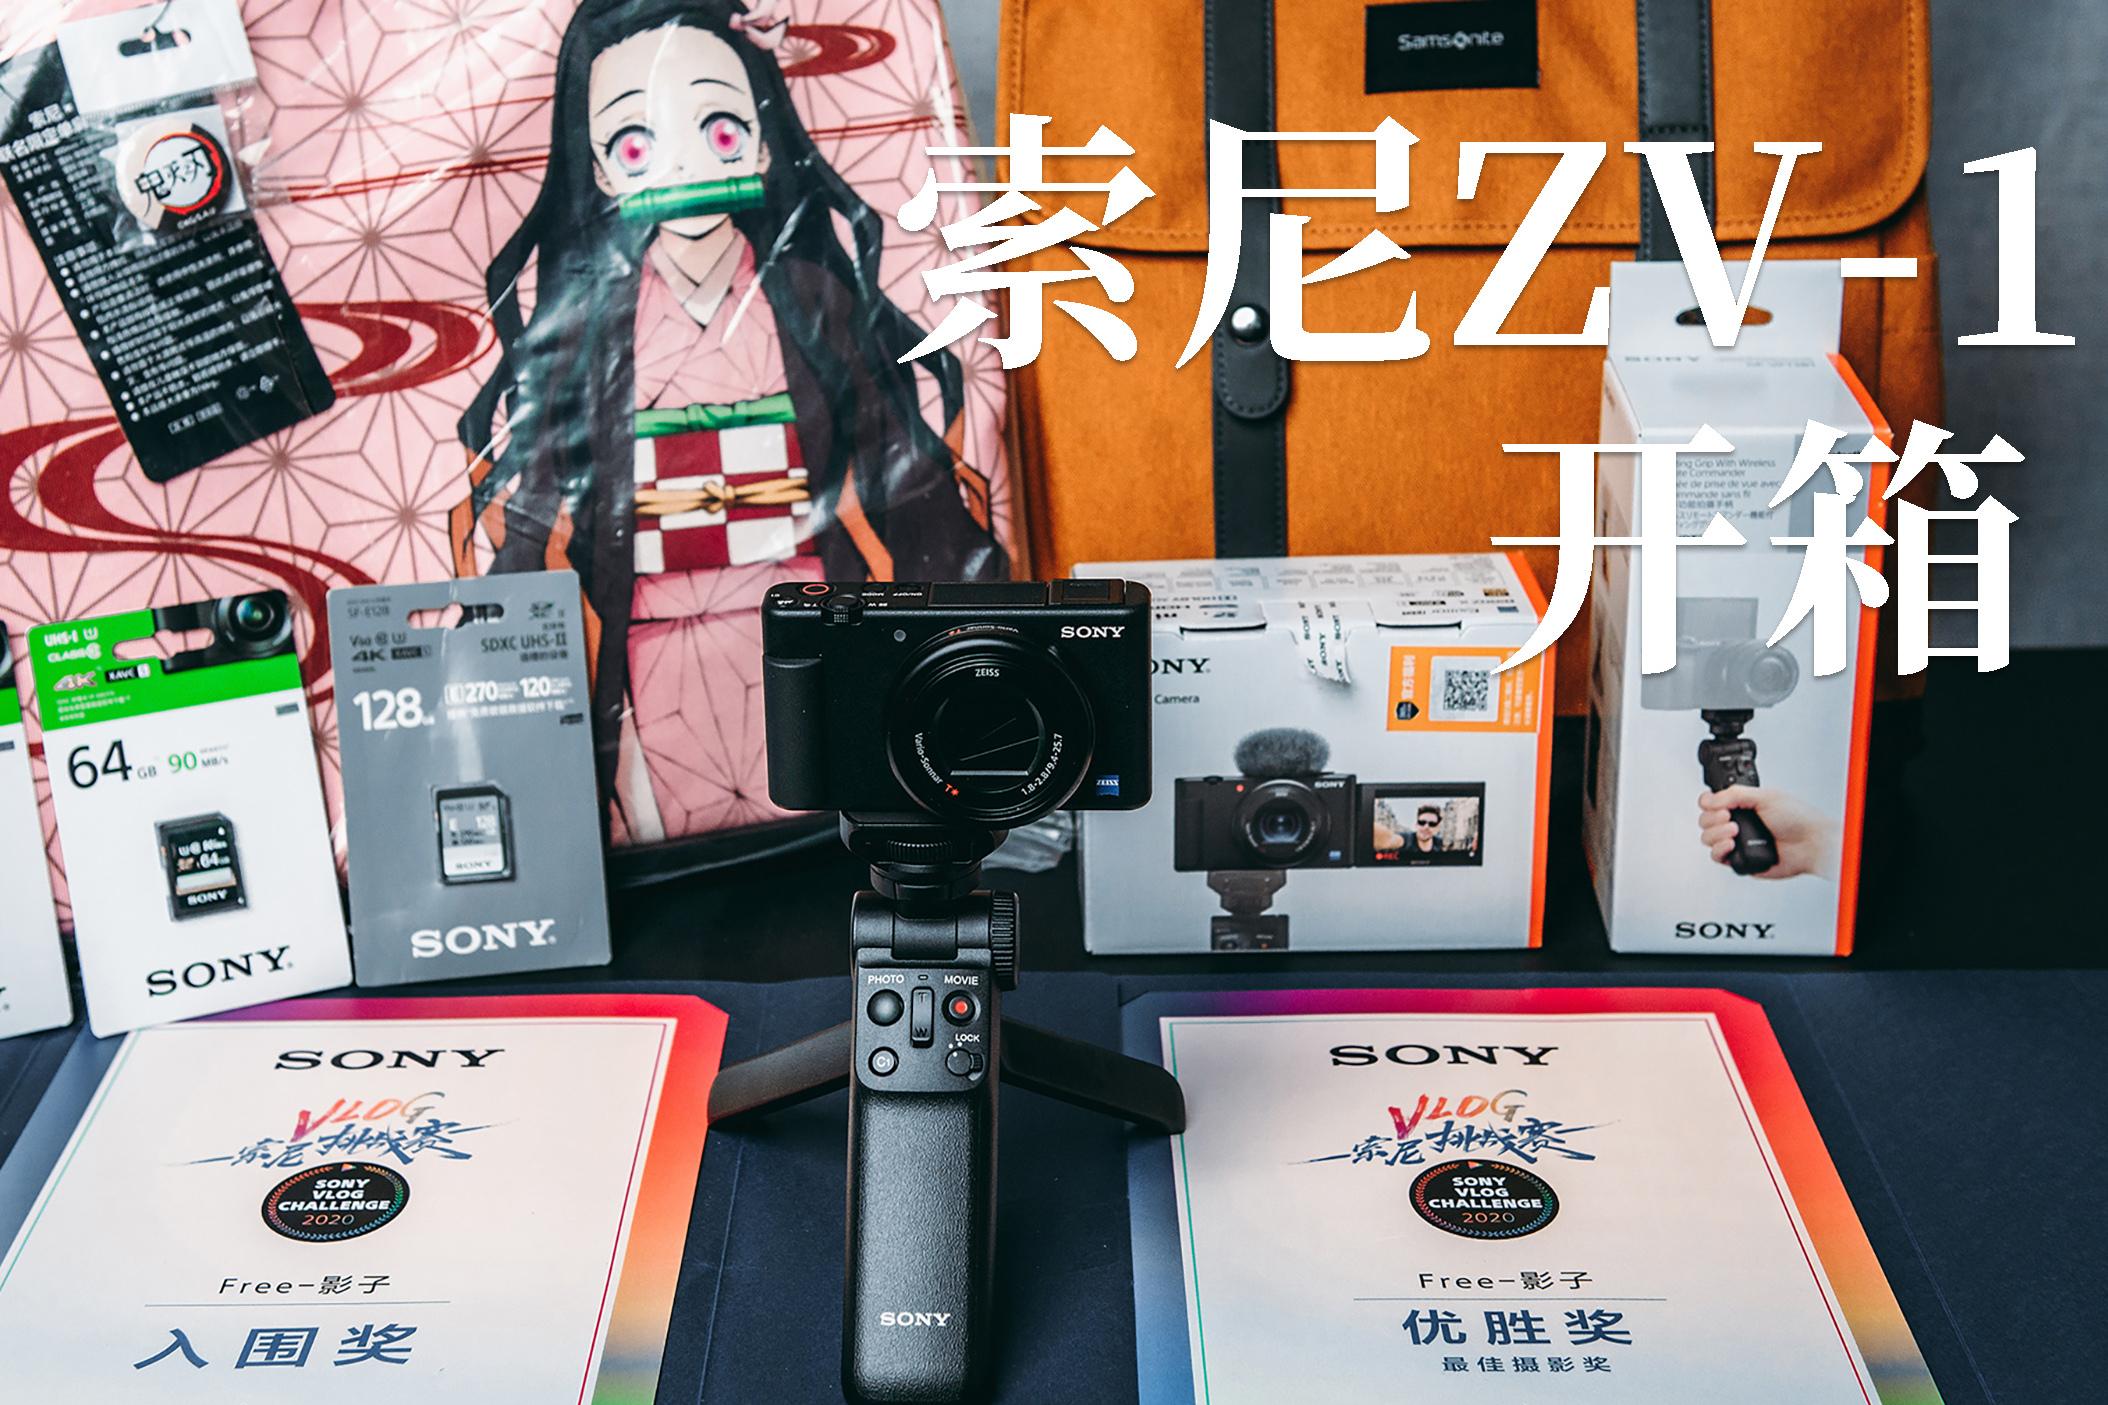 索尼ZV-1相机、GP无线蓝牙手柄简单开箱